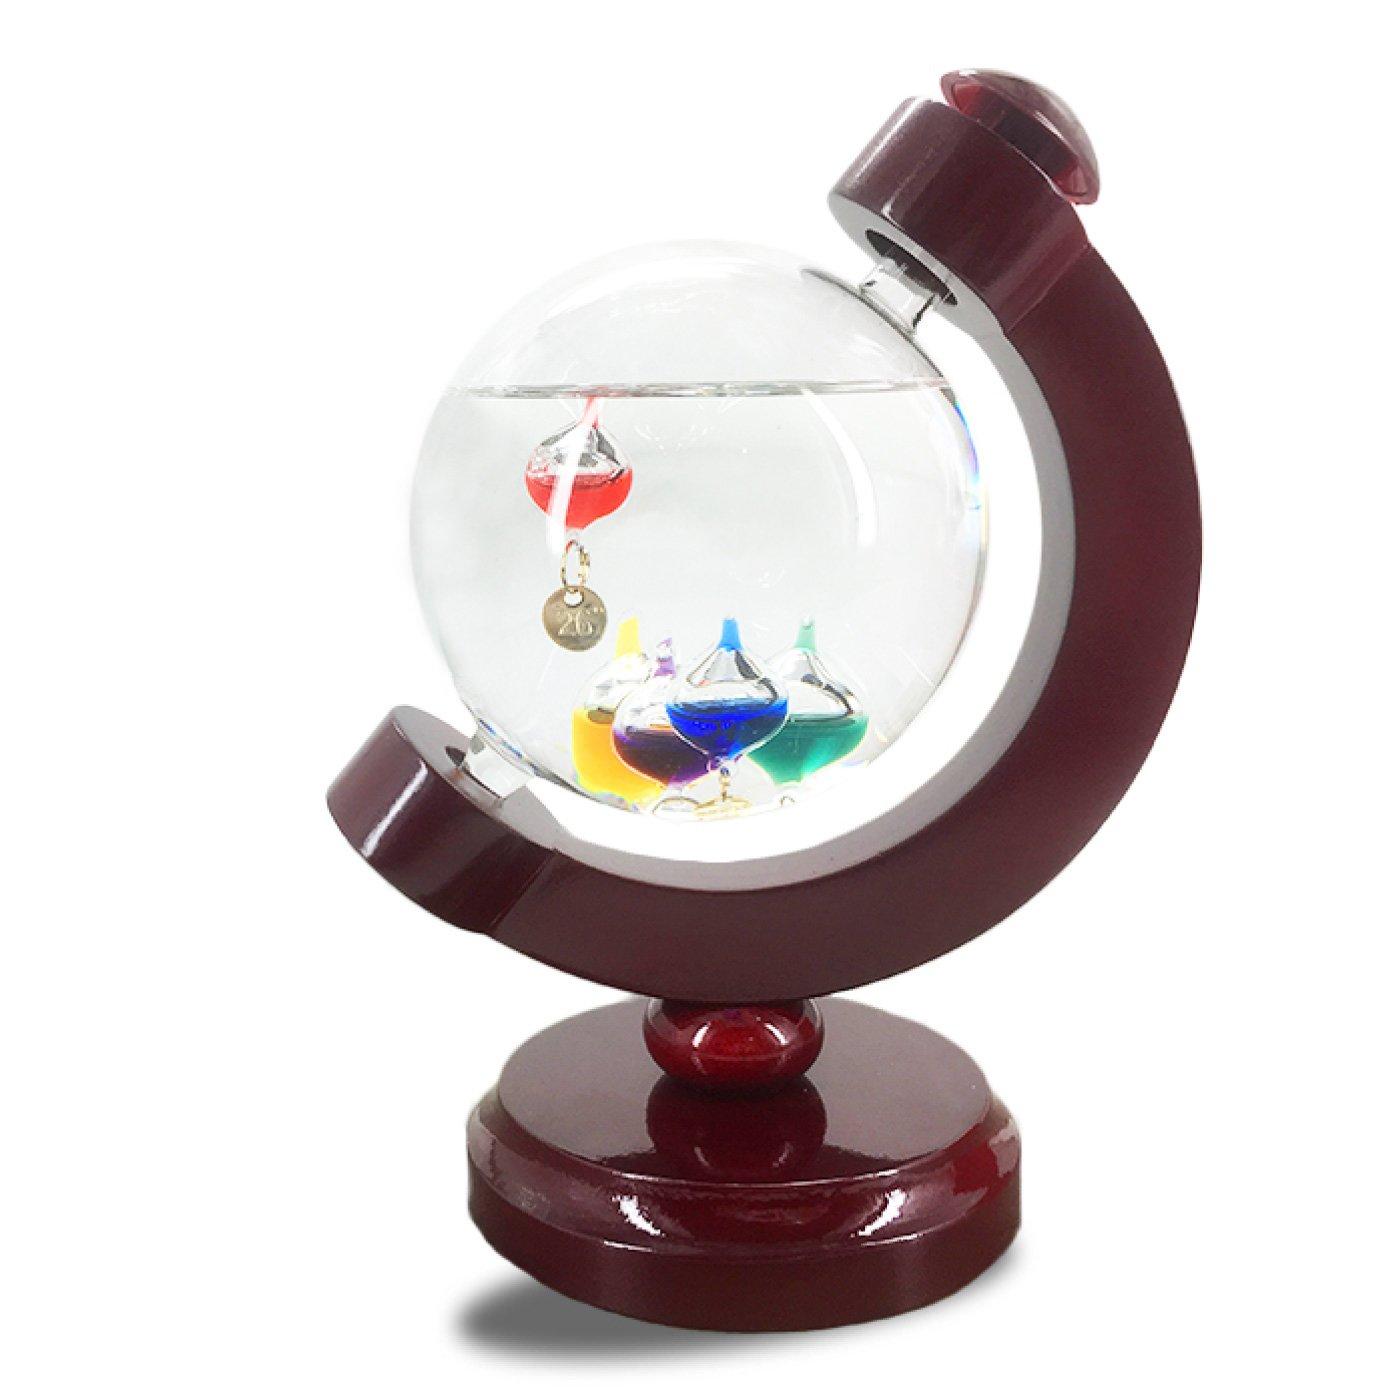 ぷかぷか浮かぶガラスが教えるガリレオ温度計